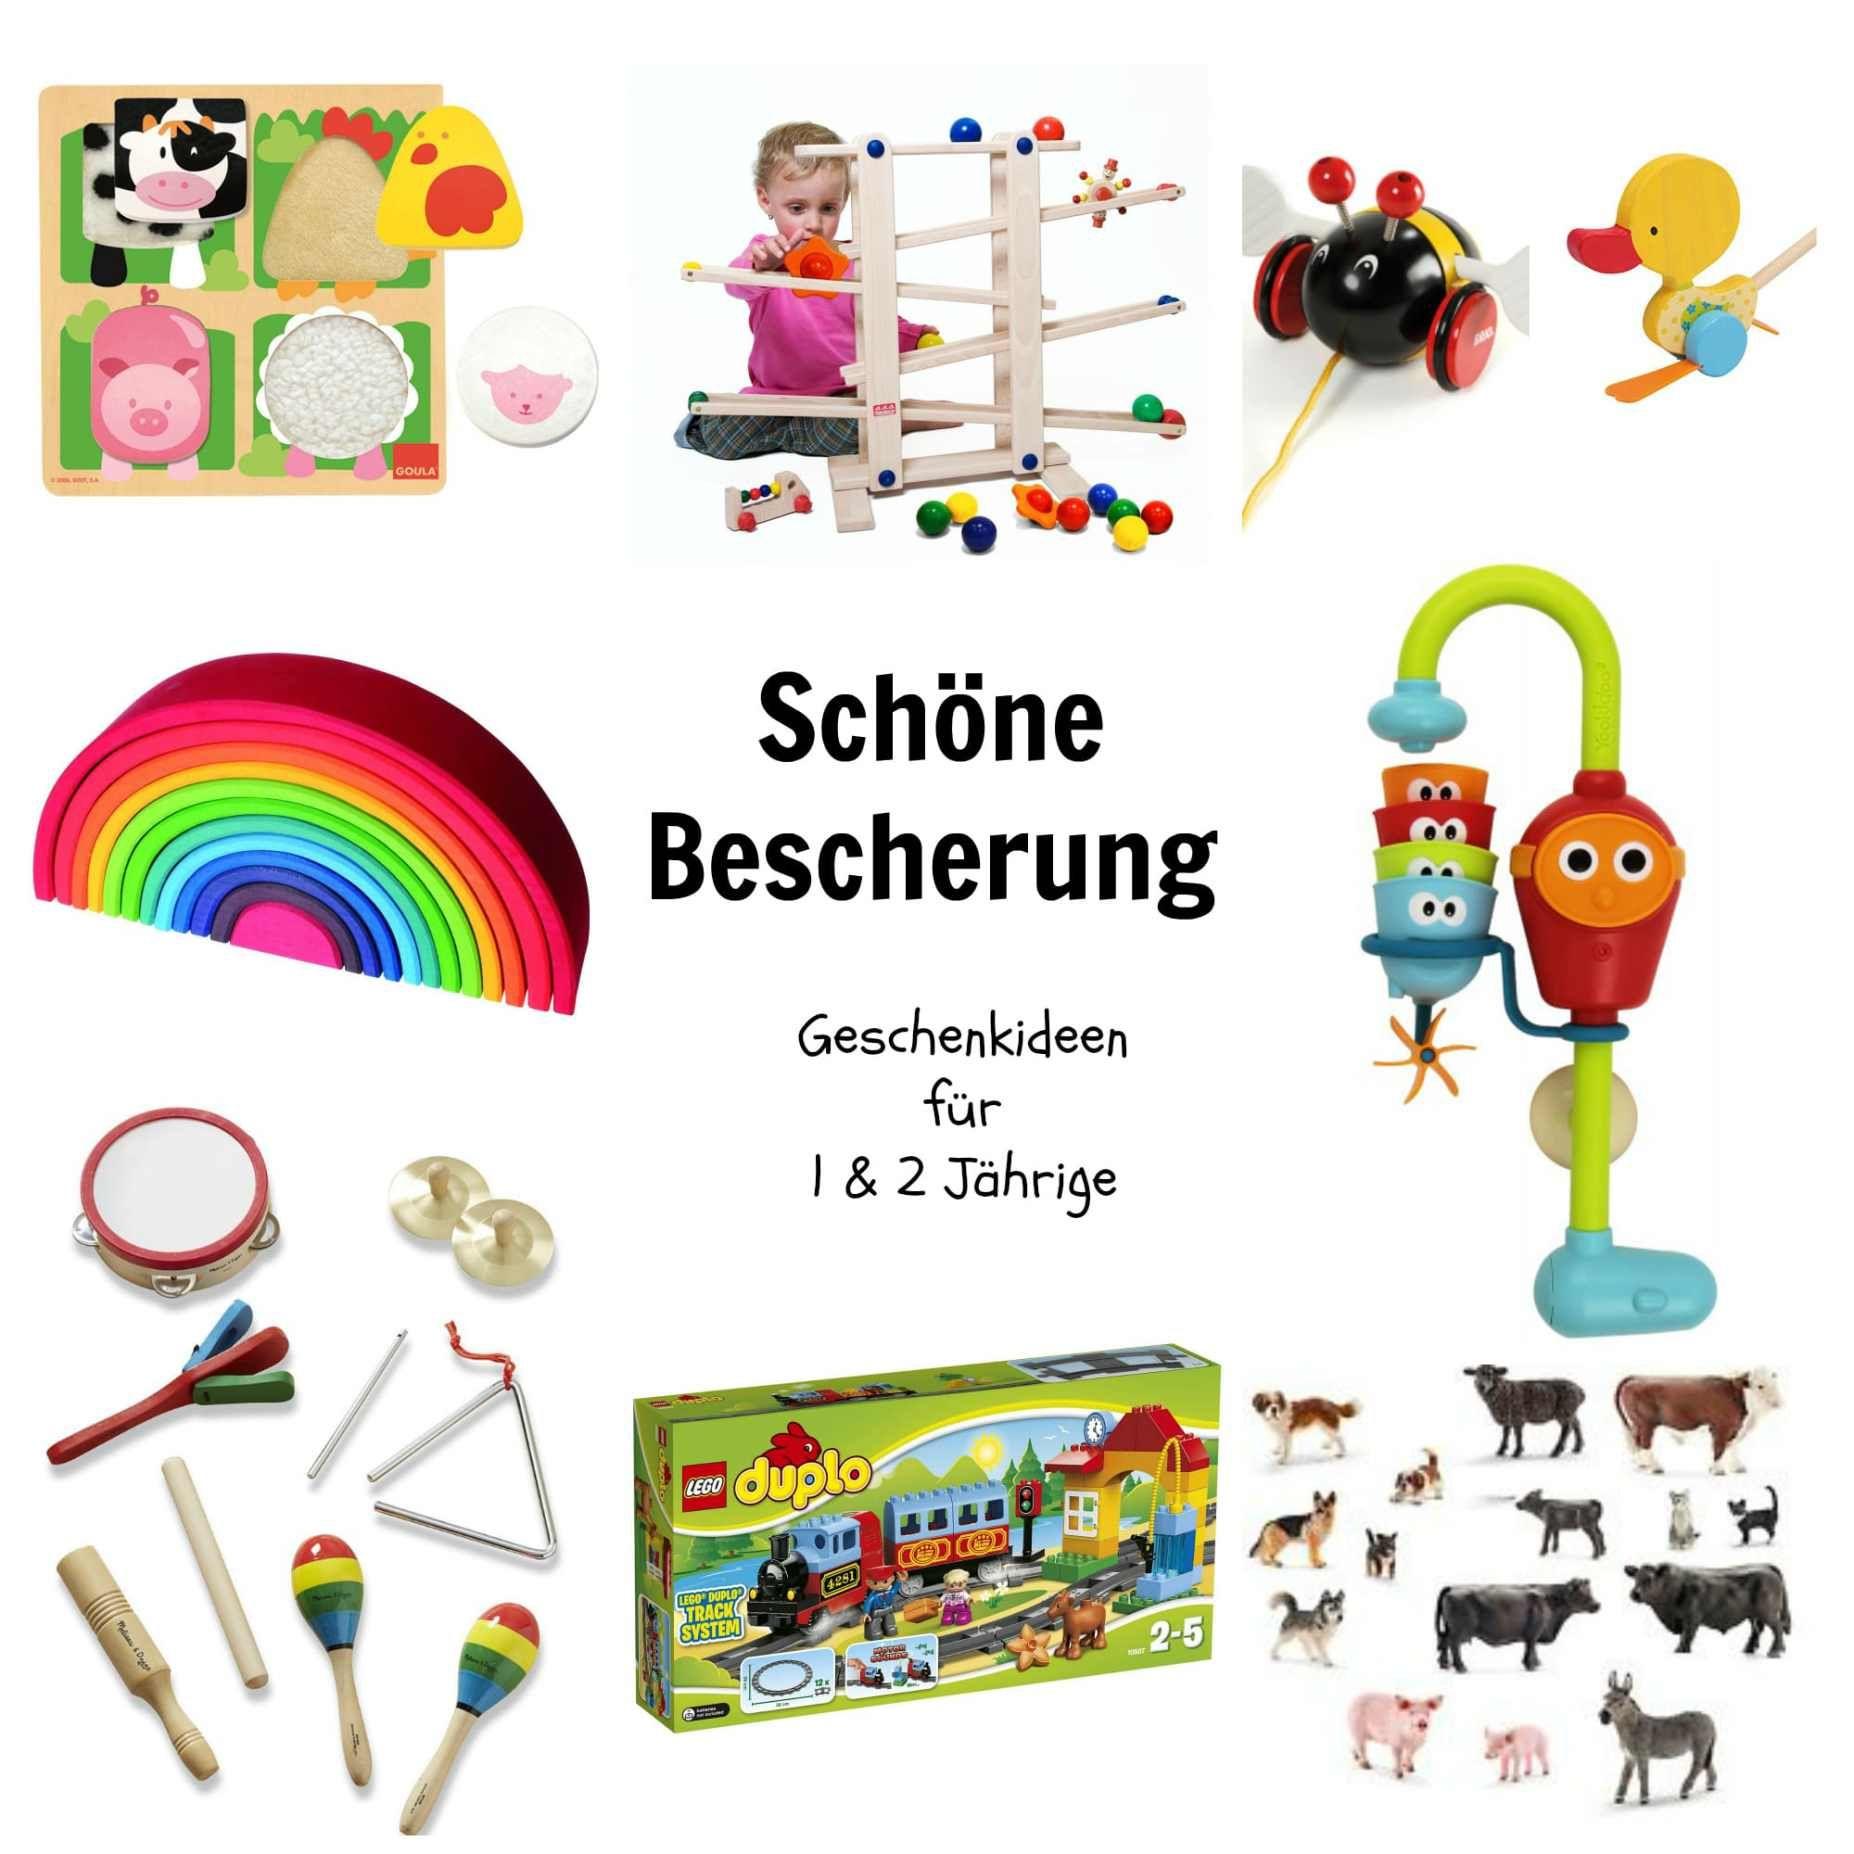 Schöne Bescherung: Geschenkideen für 1- bis 2-Jährige | Kinder ...